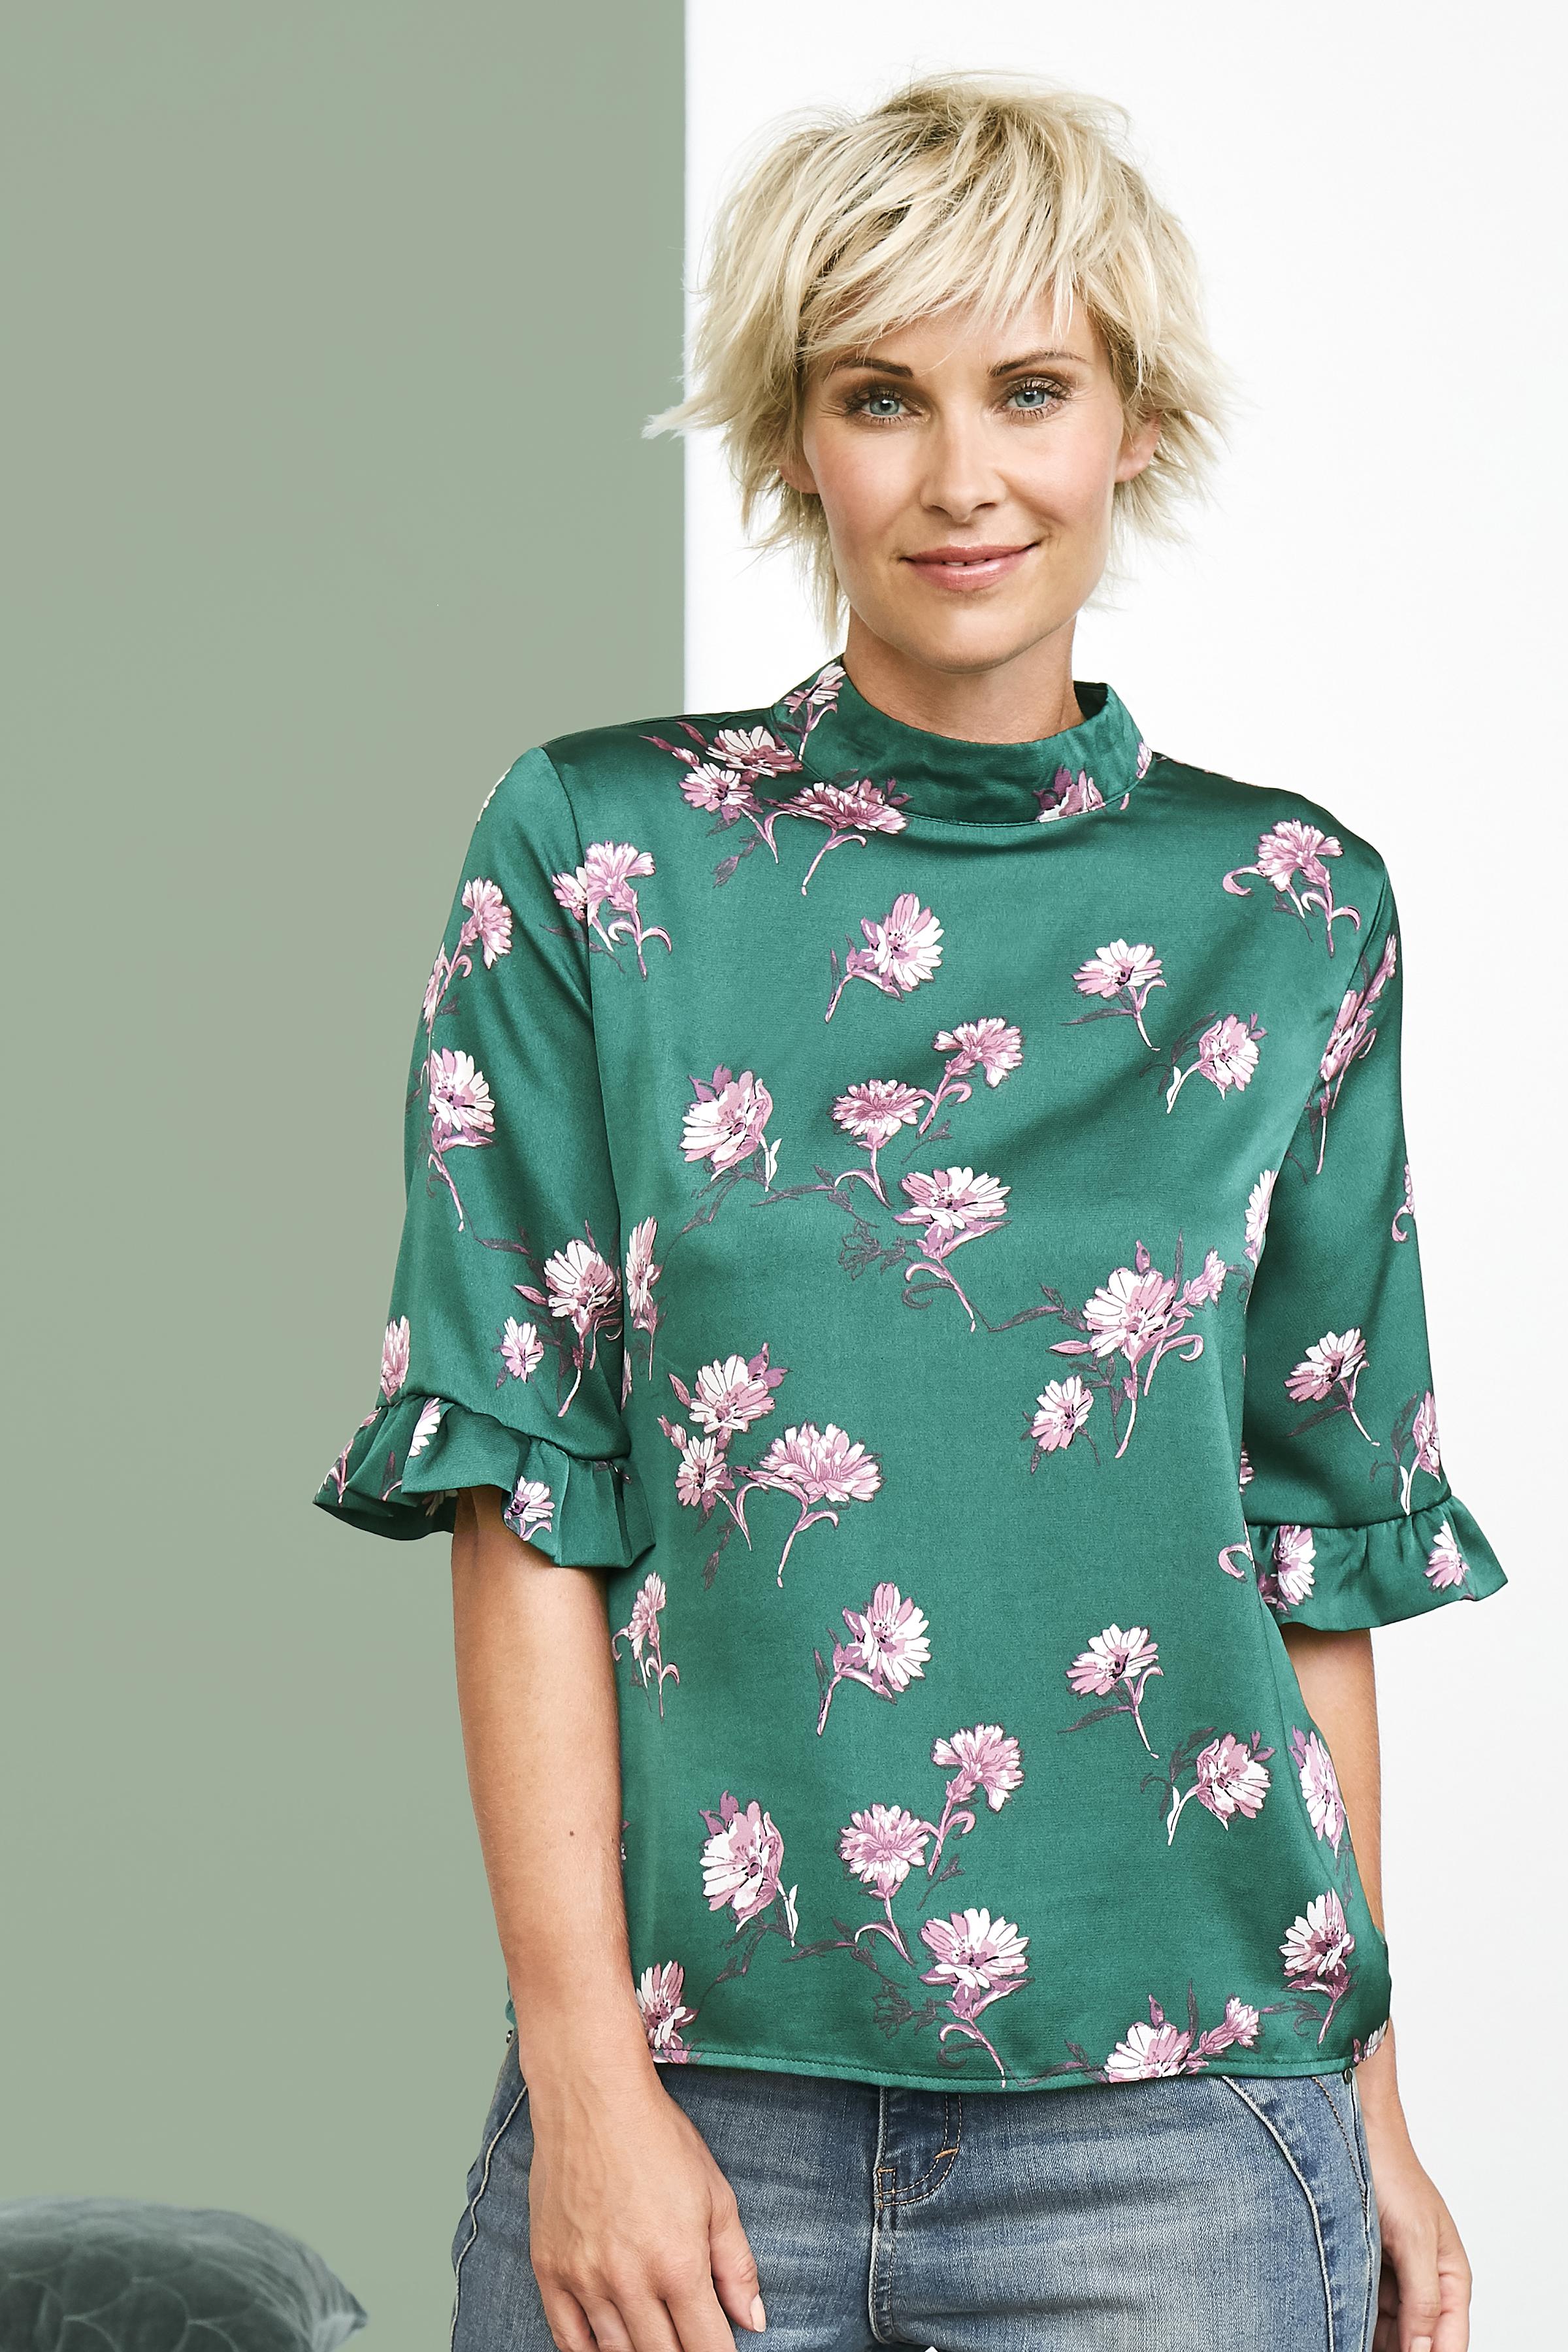 Grün/pink Kurzarm-Bluse von Dranella – Shoppen Sie Grün/pink Kurzarm-Bluse ab Gr. XS-XXL hier